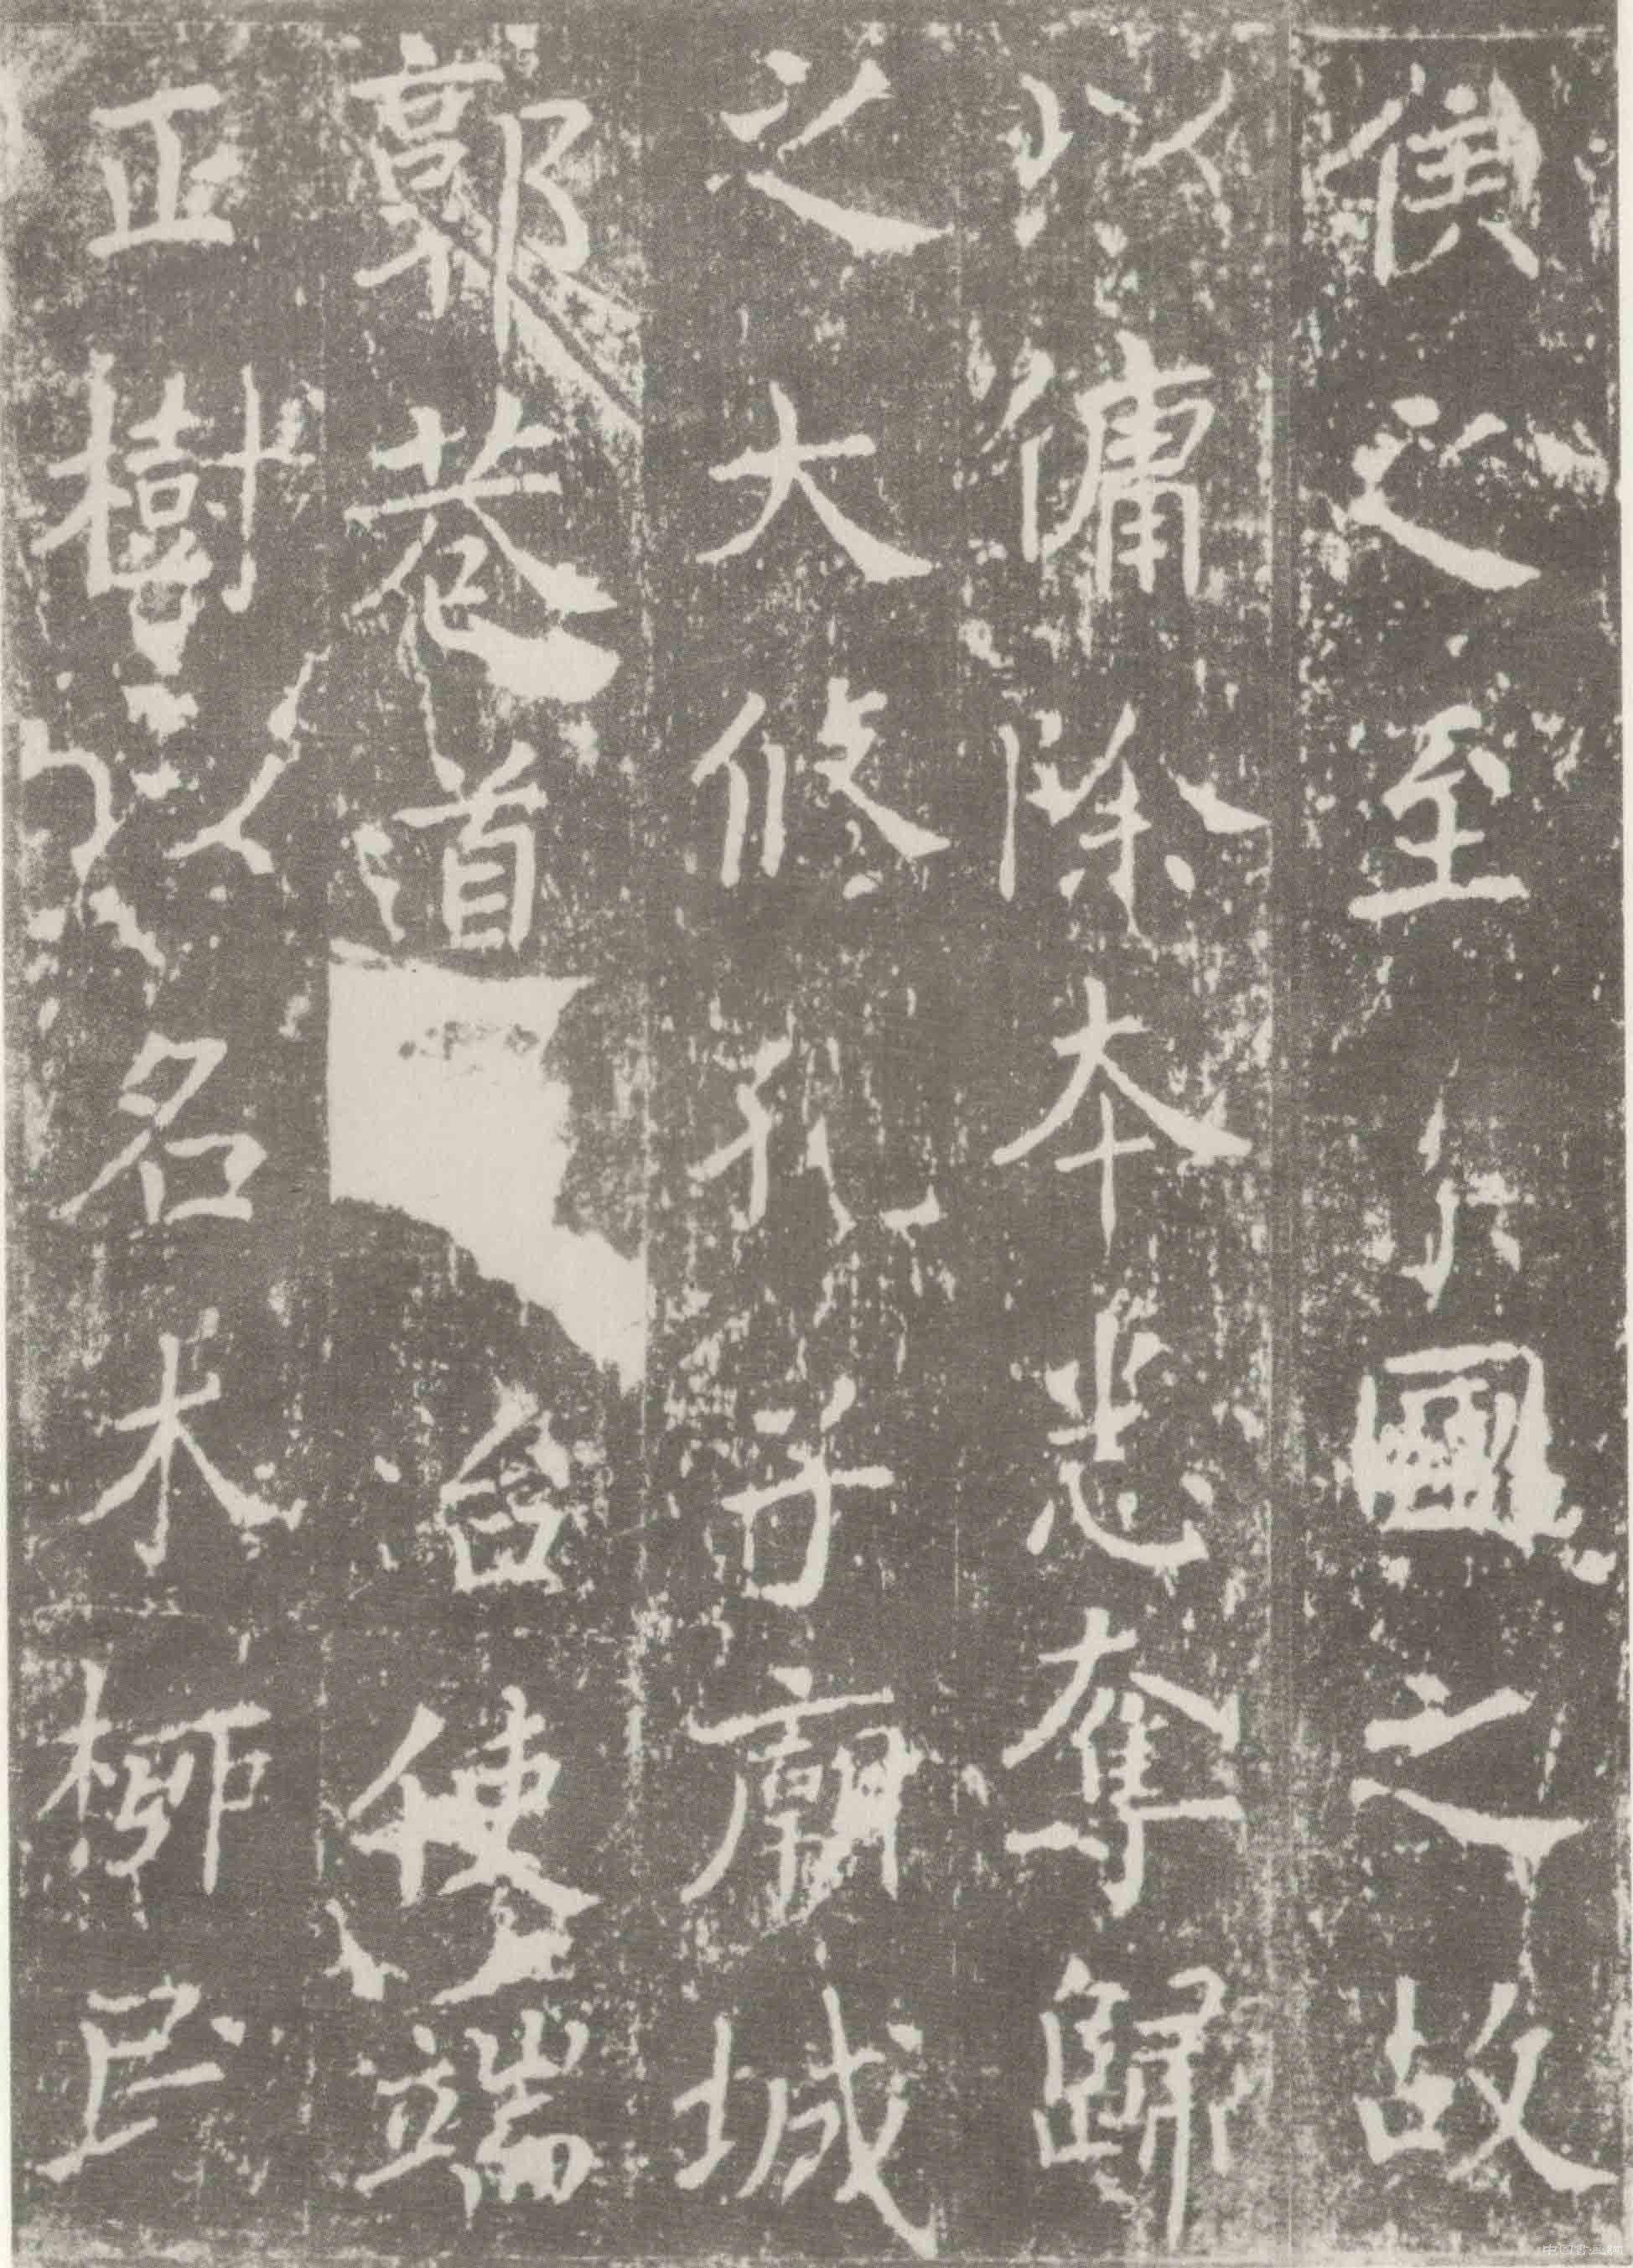 """""""如龙游天表,虎踞溪旁,精神自若,骨法清虚""""——沈传师书法"""